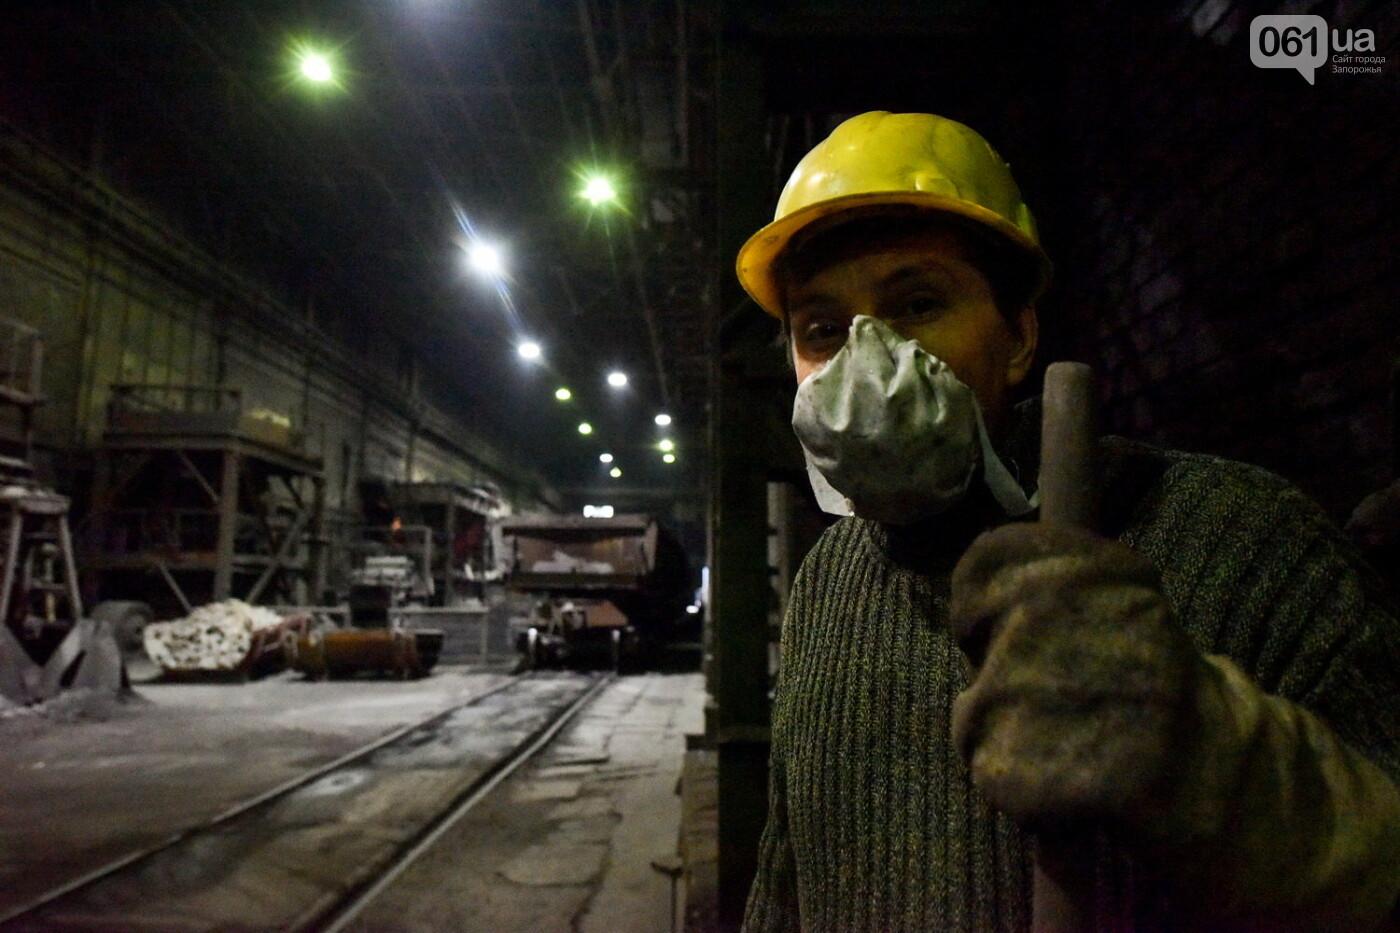 Как руду превращают в ферросплавы: экскурсия на производство, – ФОТОРЕПОРТАЖ, фото-11